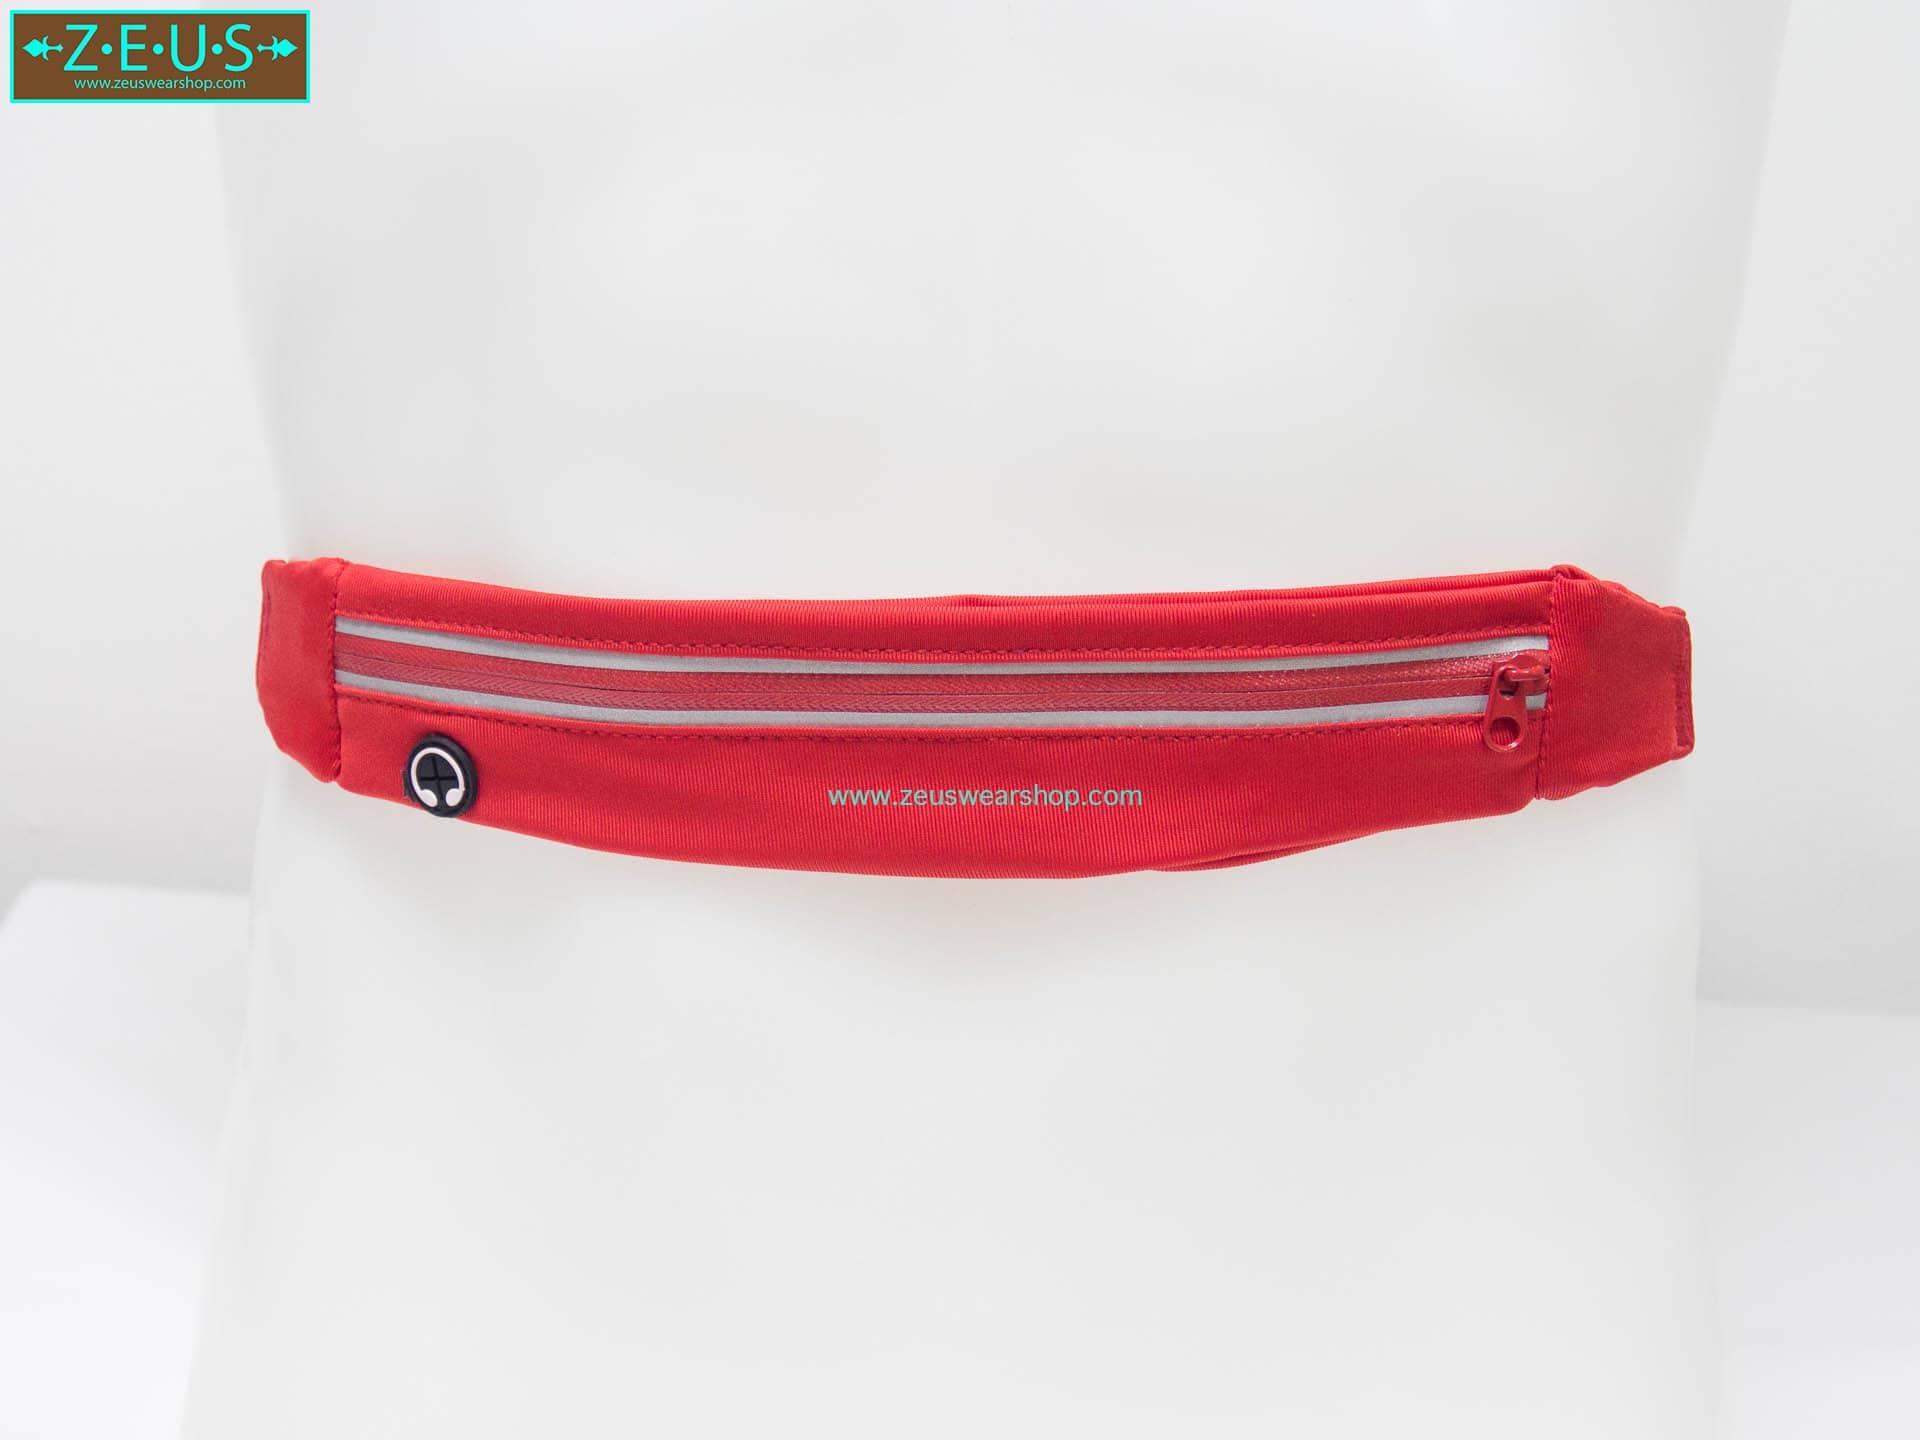 กระเป๋าคาดเอววิ่ง กันน้ำ สีแดง 1ซิป มีช่องเสียบหูฟัง